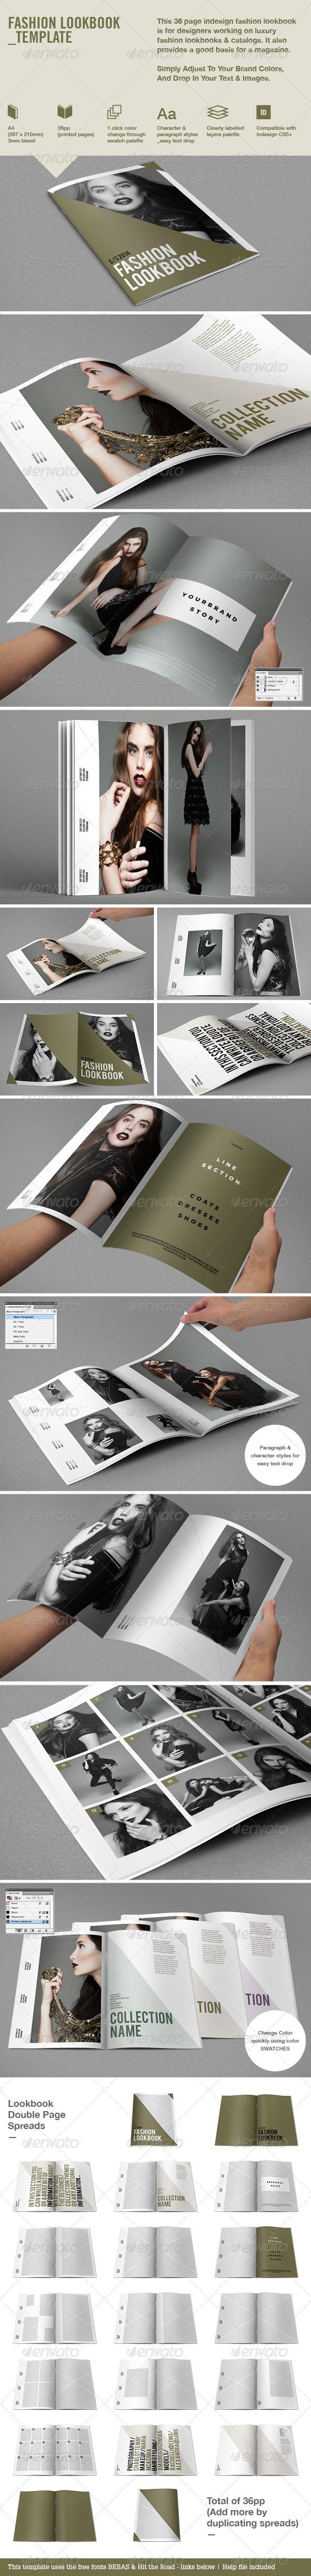 GraphicRiver Fashion Lookbook 4612044